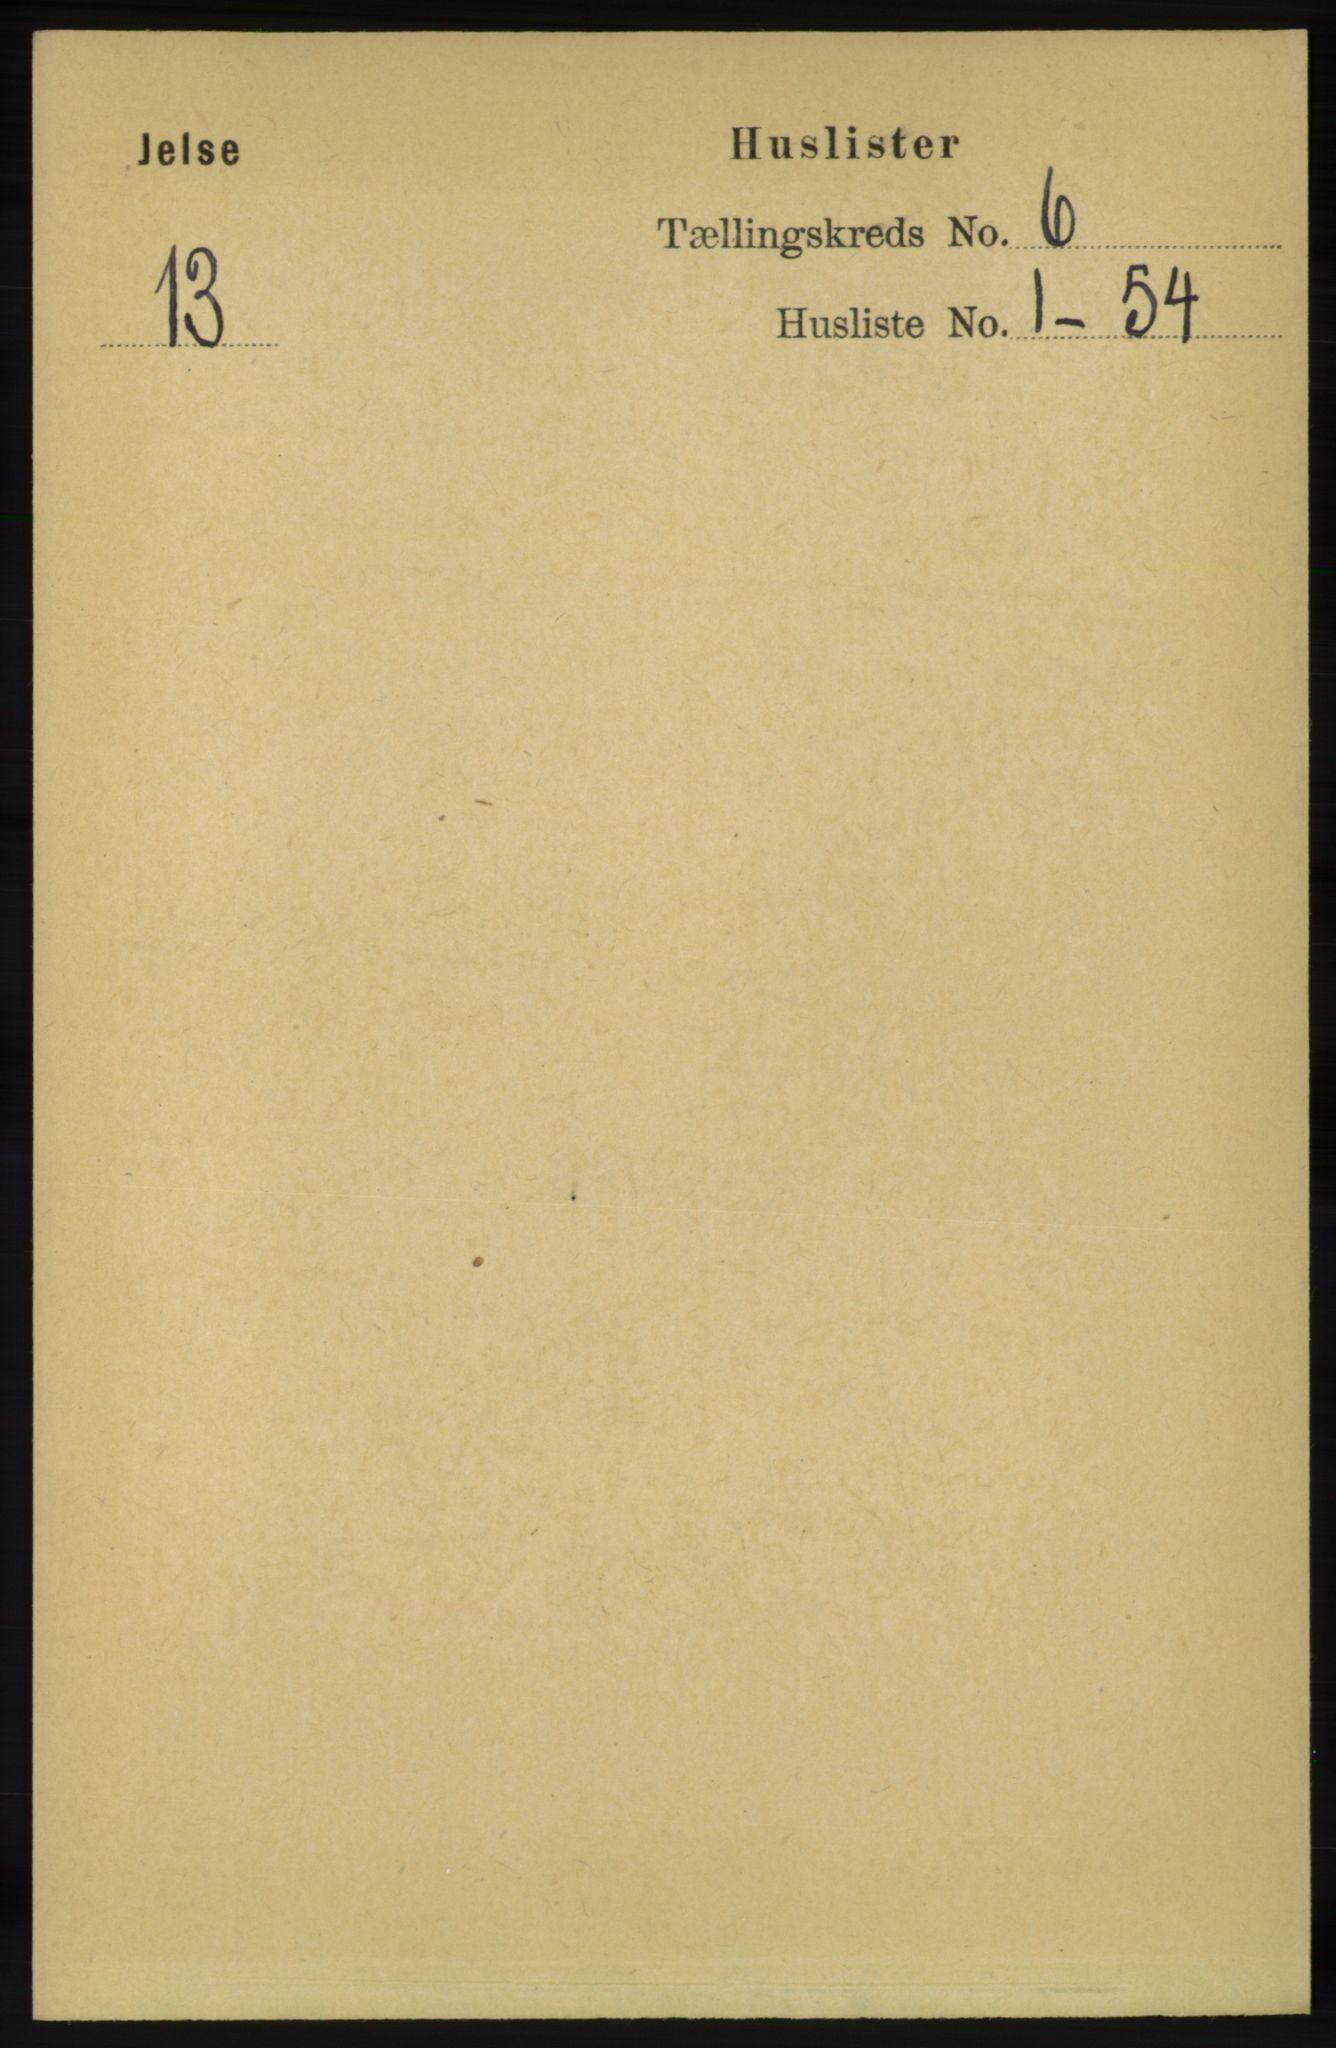 RA, Folketelling 1891 for 1138 Jelsa herred, 1891, s. 1152